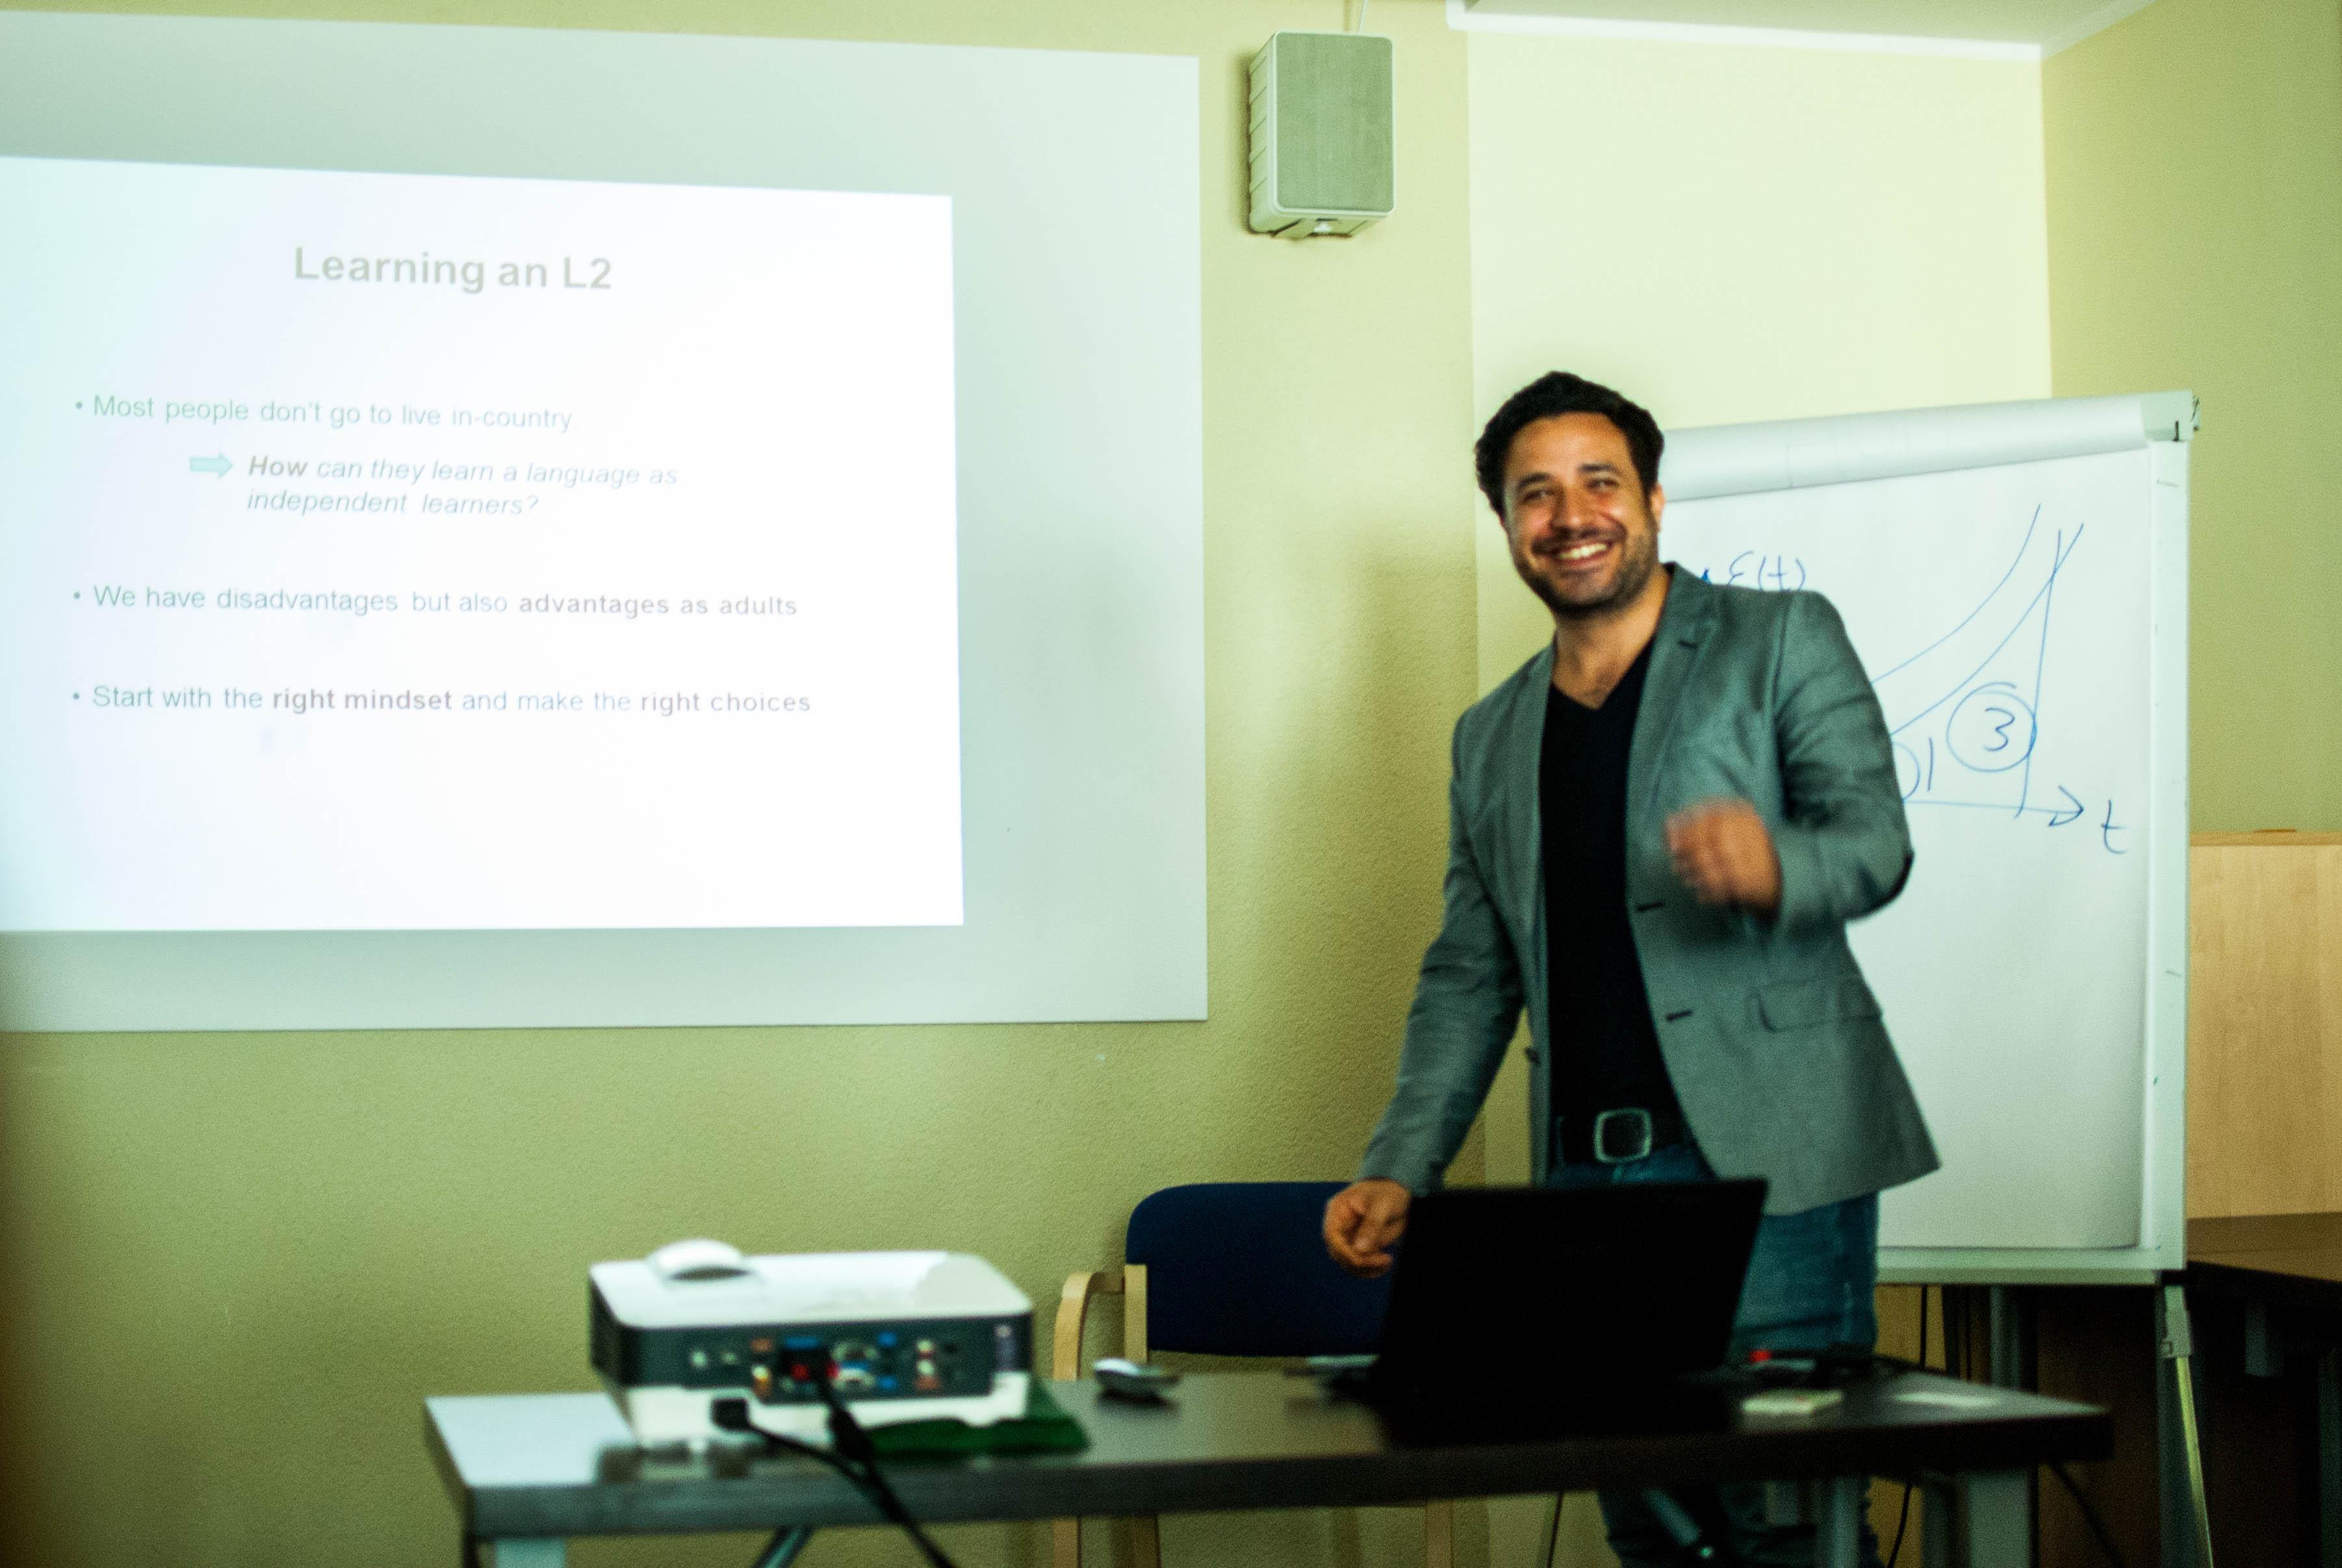 Luca Lampariello durante una lezione. Fonte: archivio personale